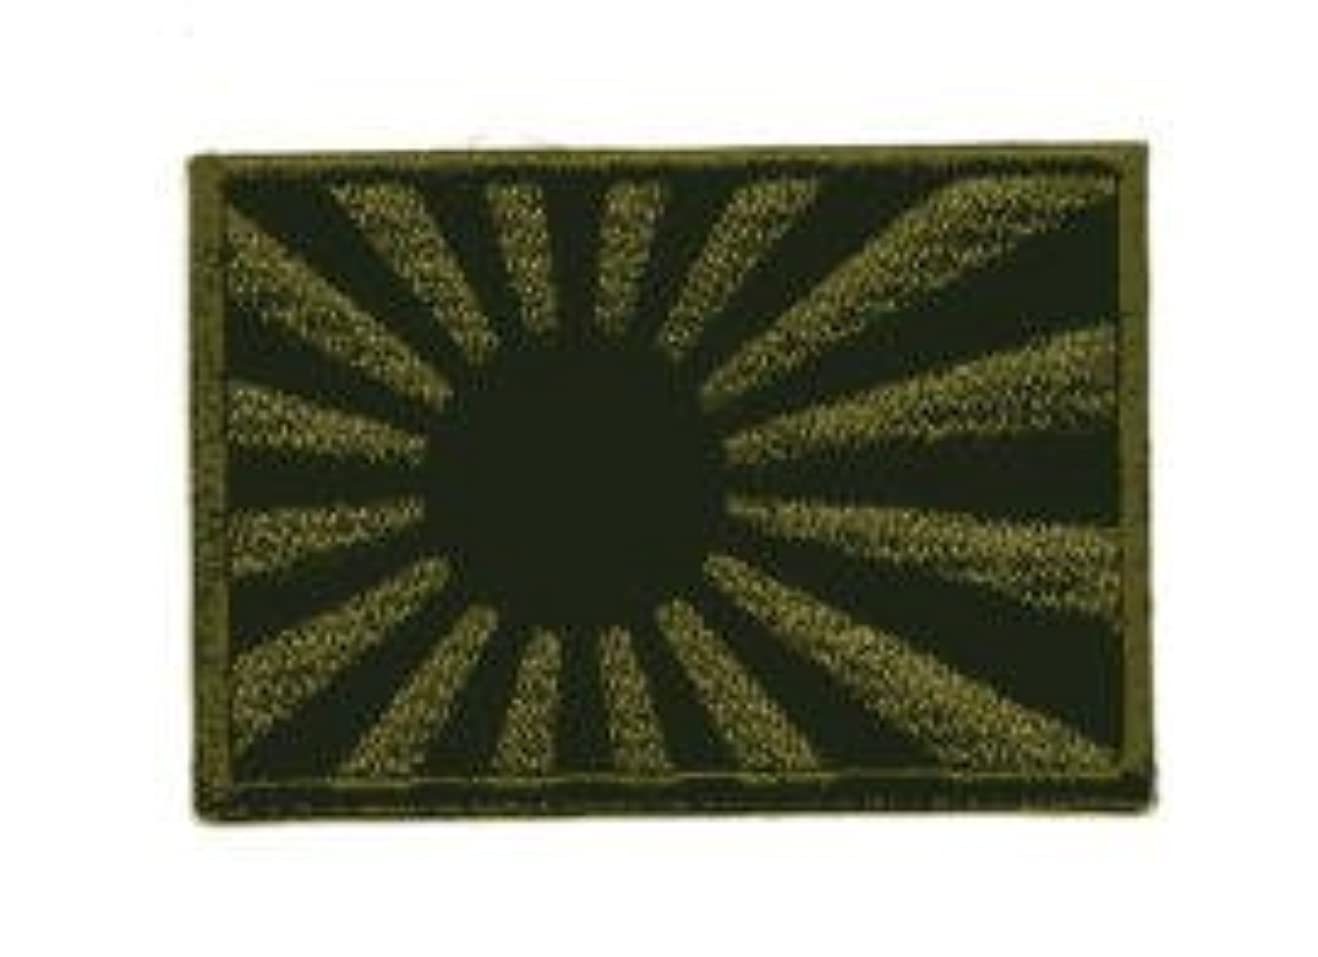 ダッシュコロニー縮約野戦用 海軍旗ワッペン Mサイズ